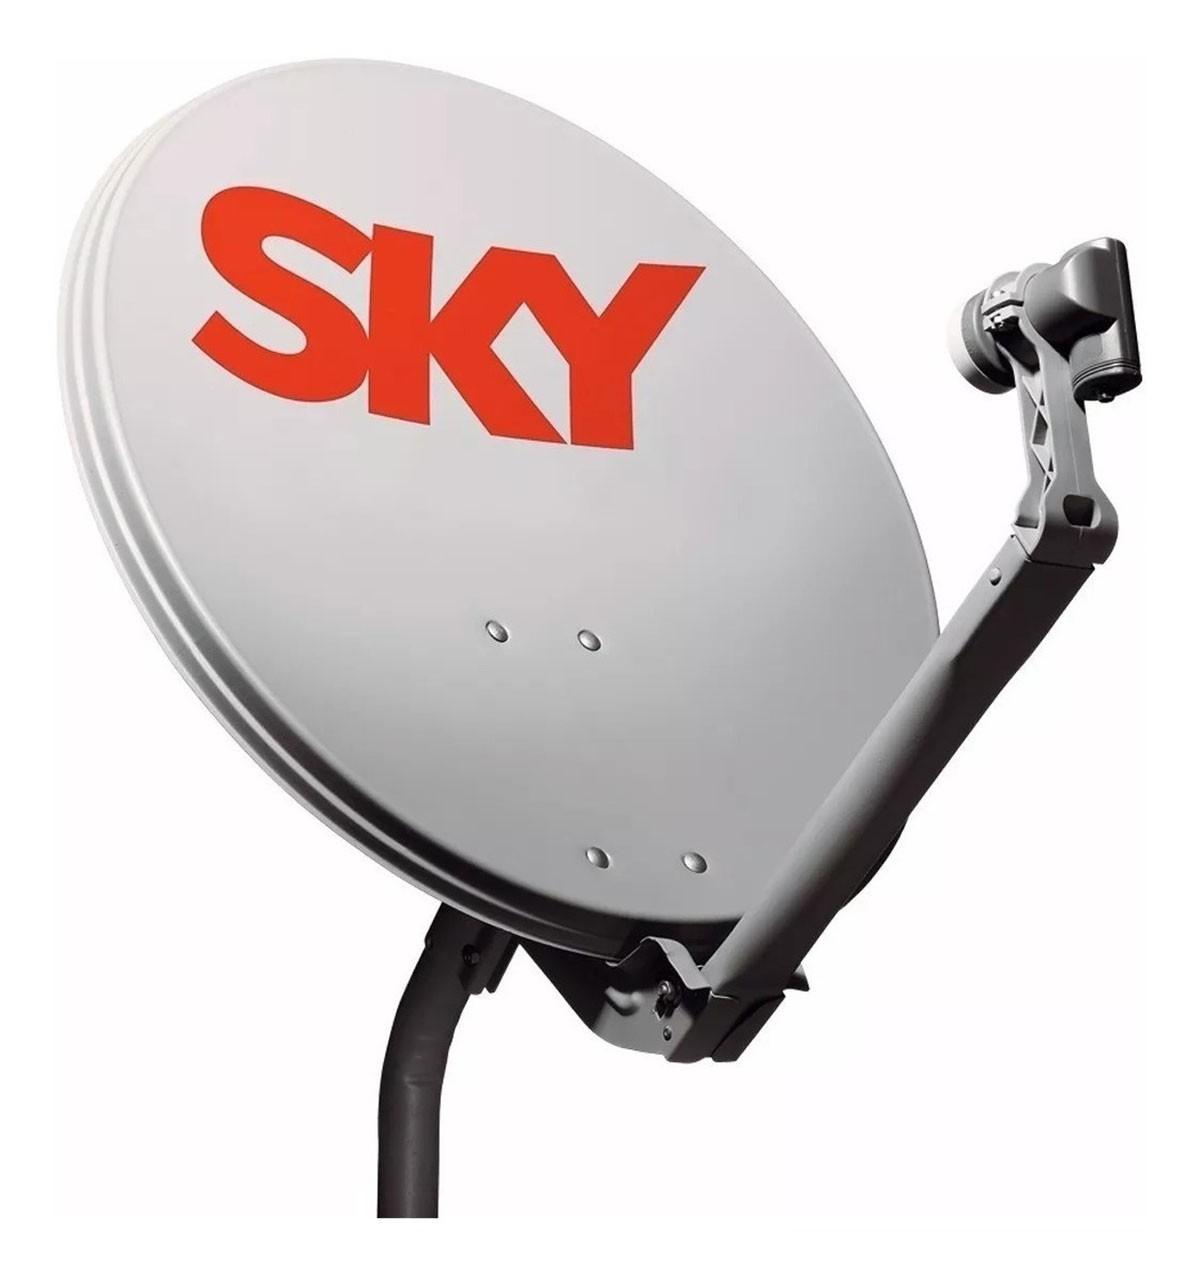 Kit Sky HD Conforto 24 meses sem mensalidade  com Globo e SBT + Antena 60 cm